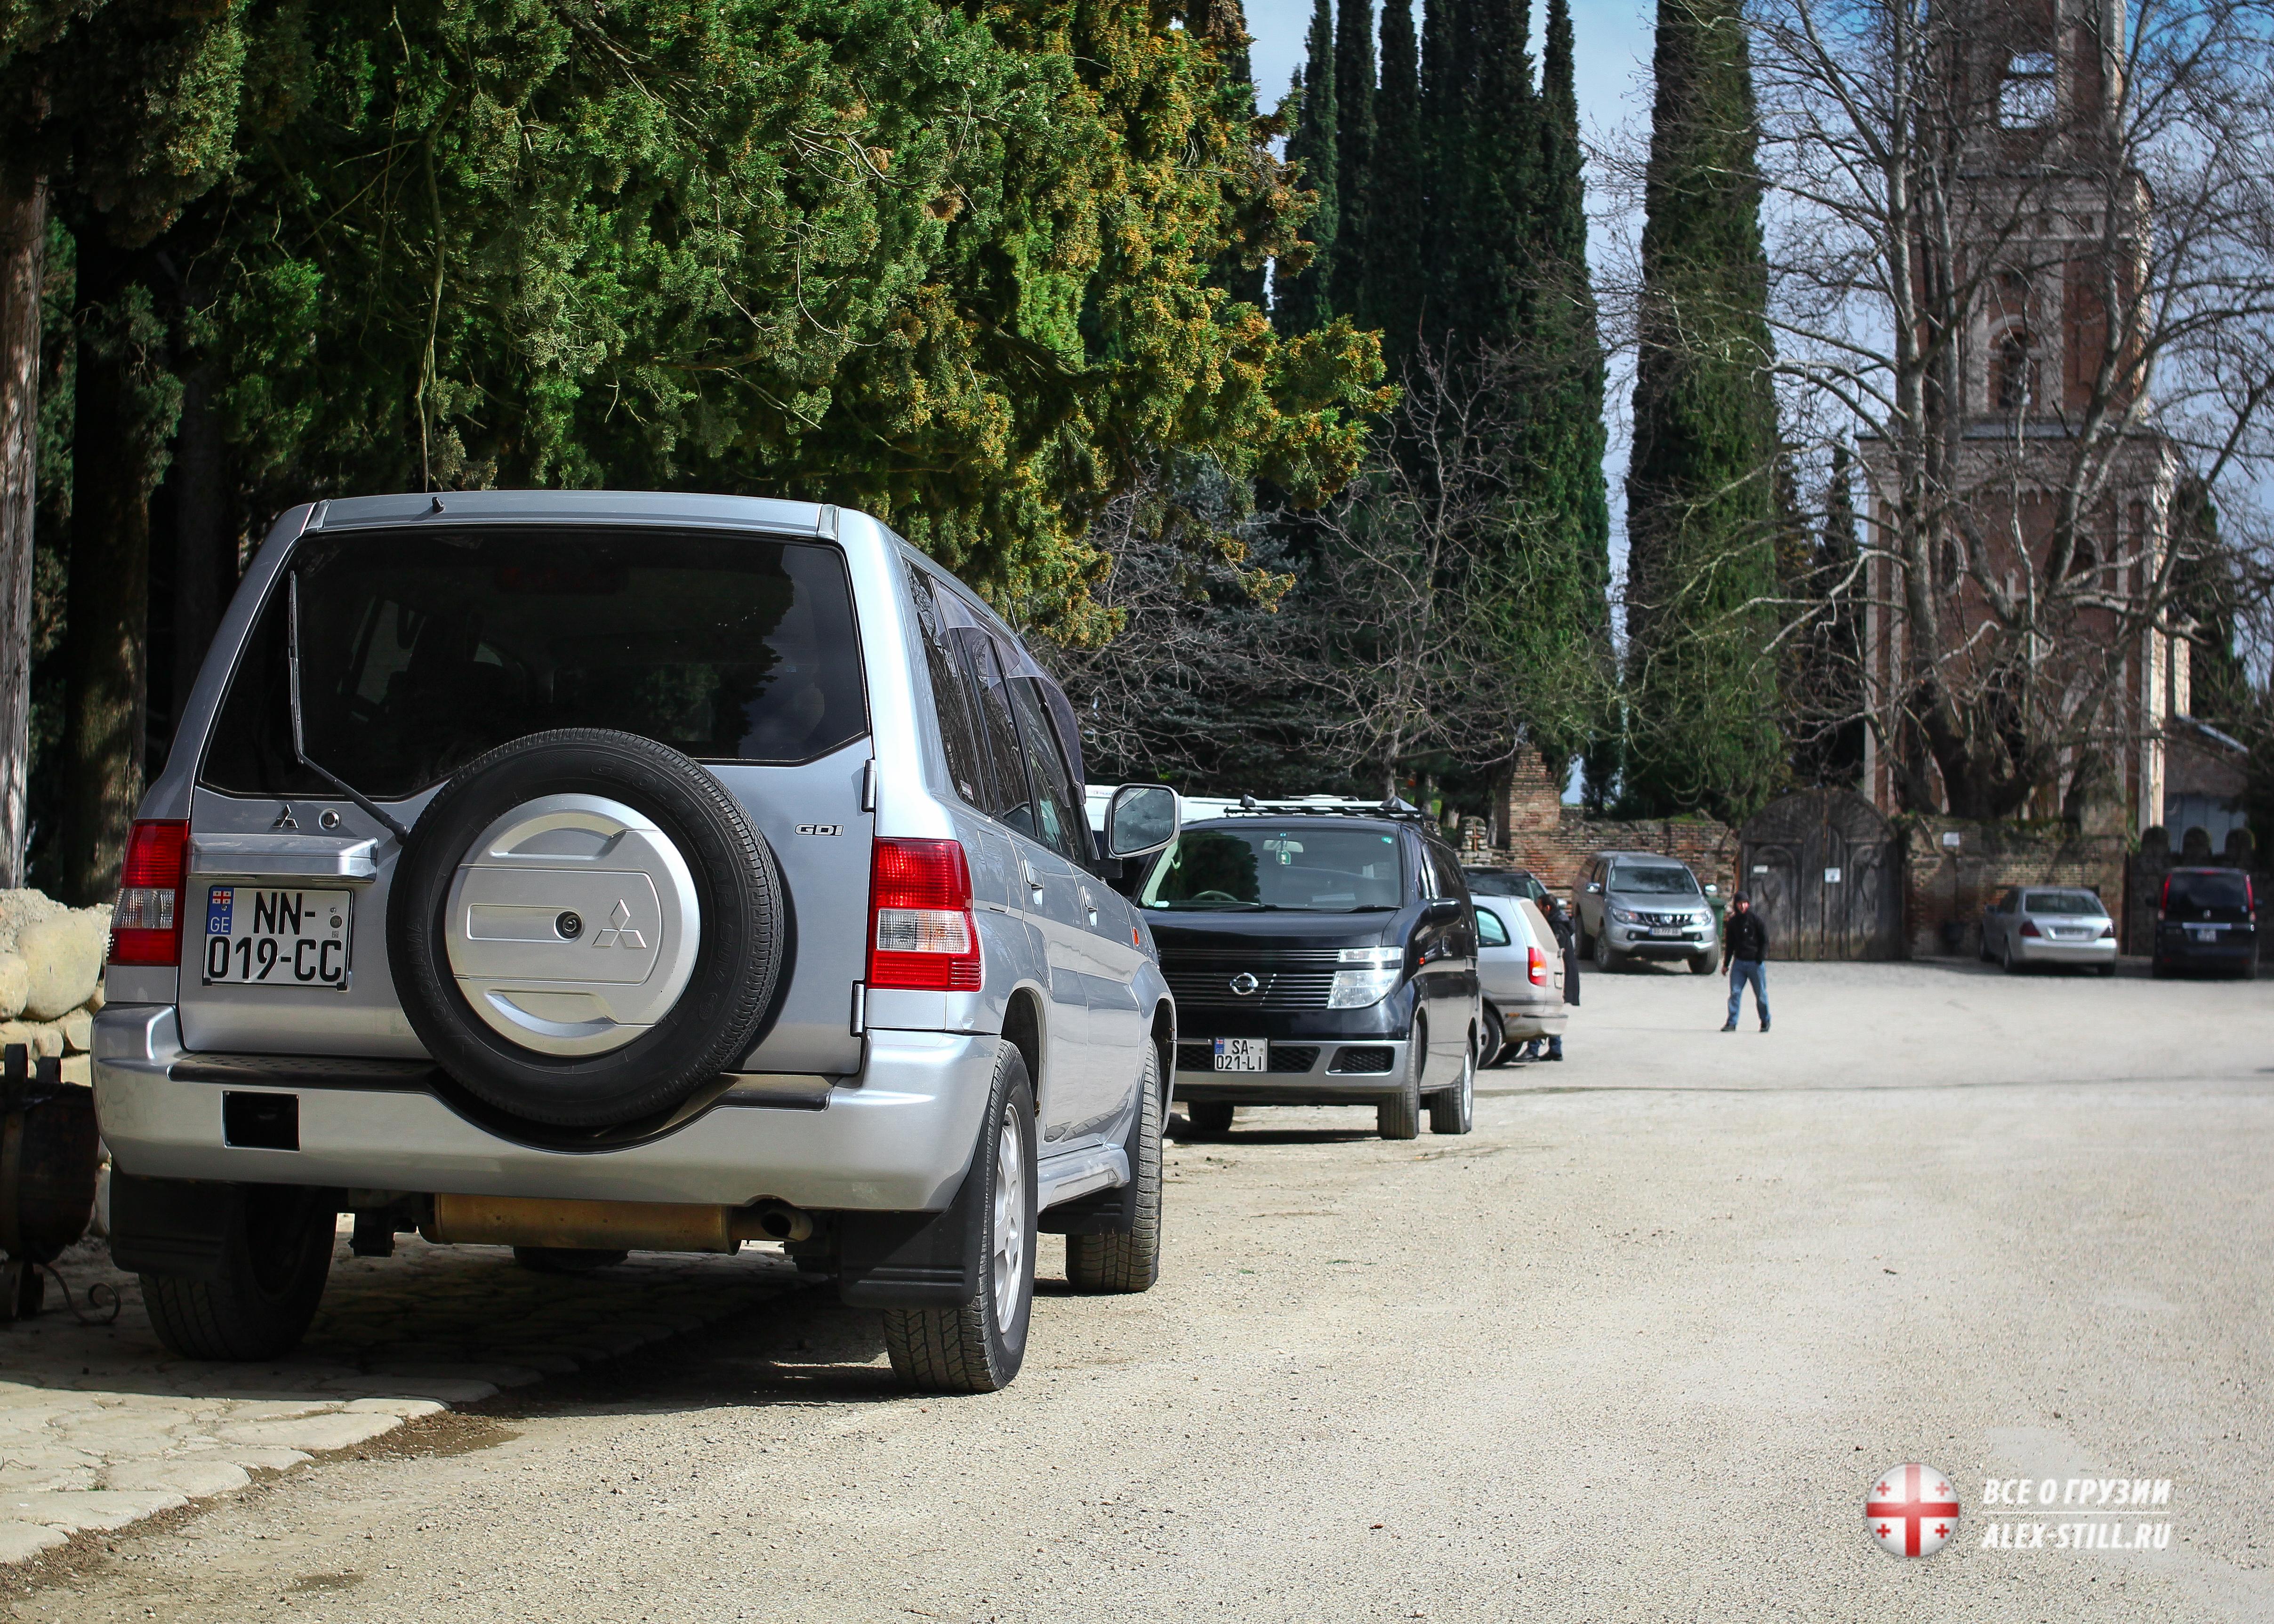 Парковка в Тбилиси обычно входит в стоимость аренды